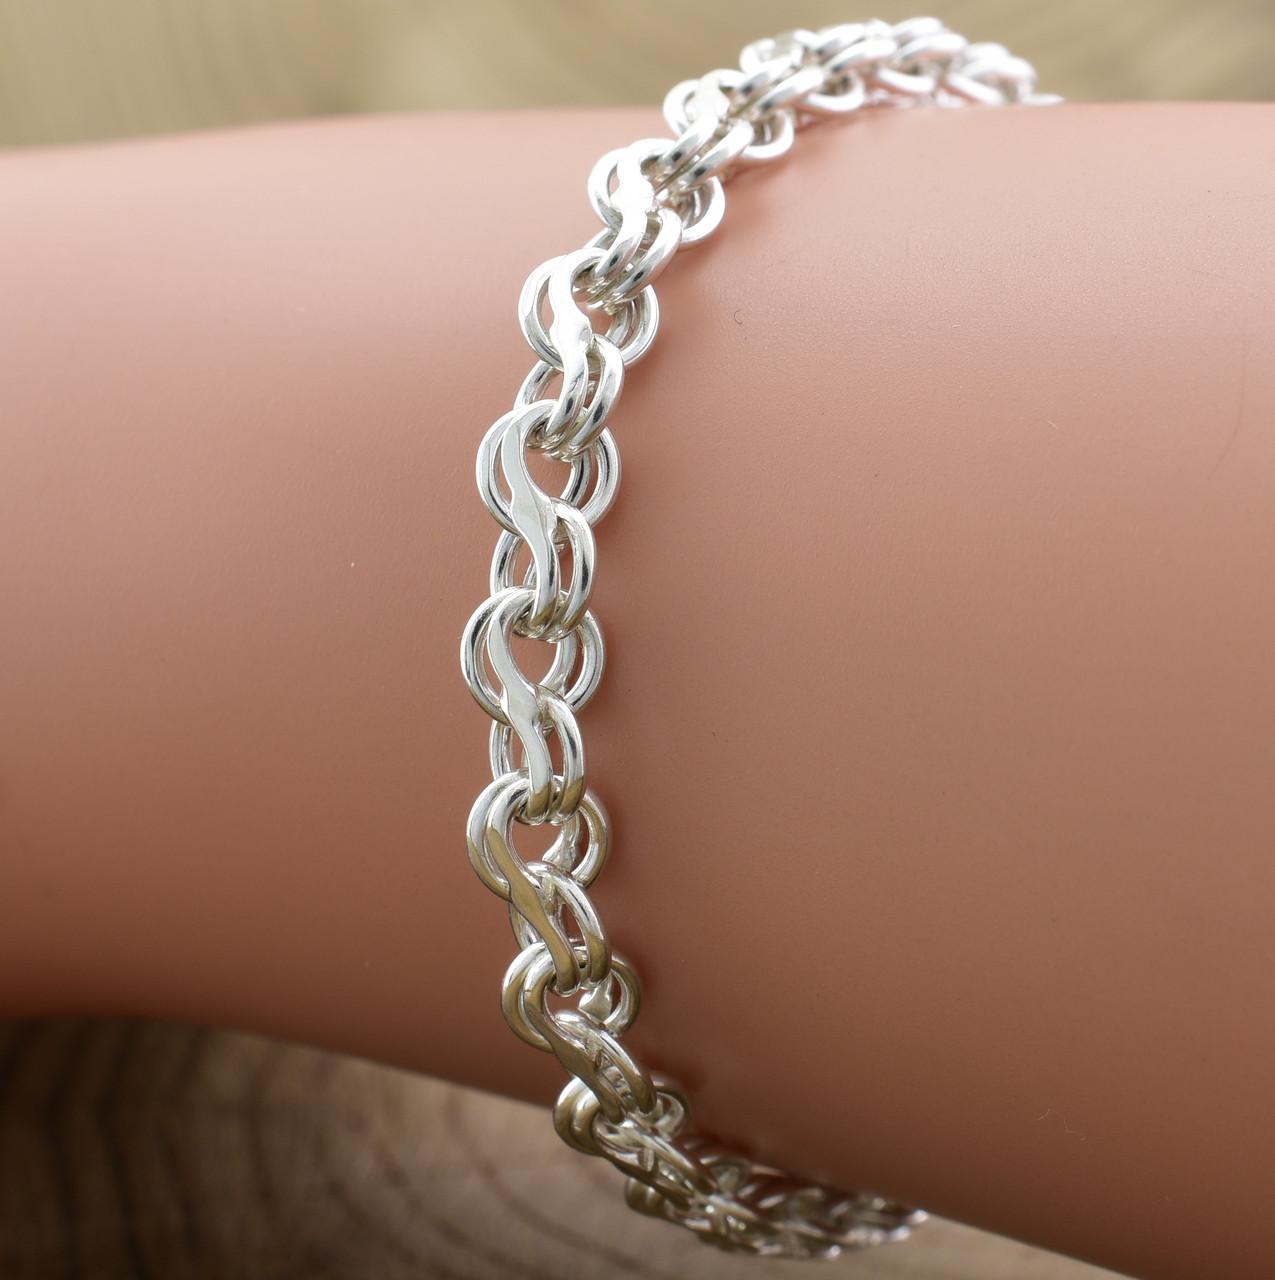 Серебряный браслет Венеция длина 19 см ширина 5 мм вес серебра 7.9 г